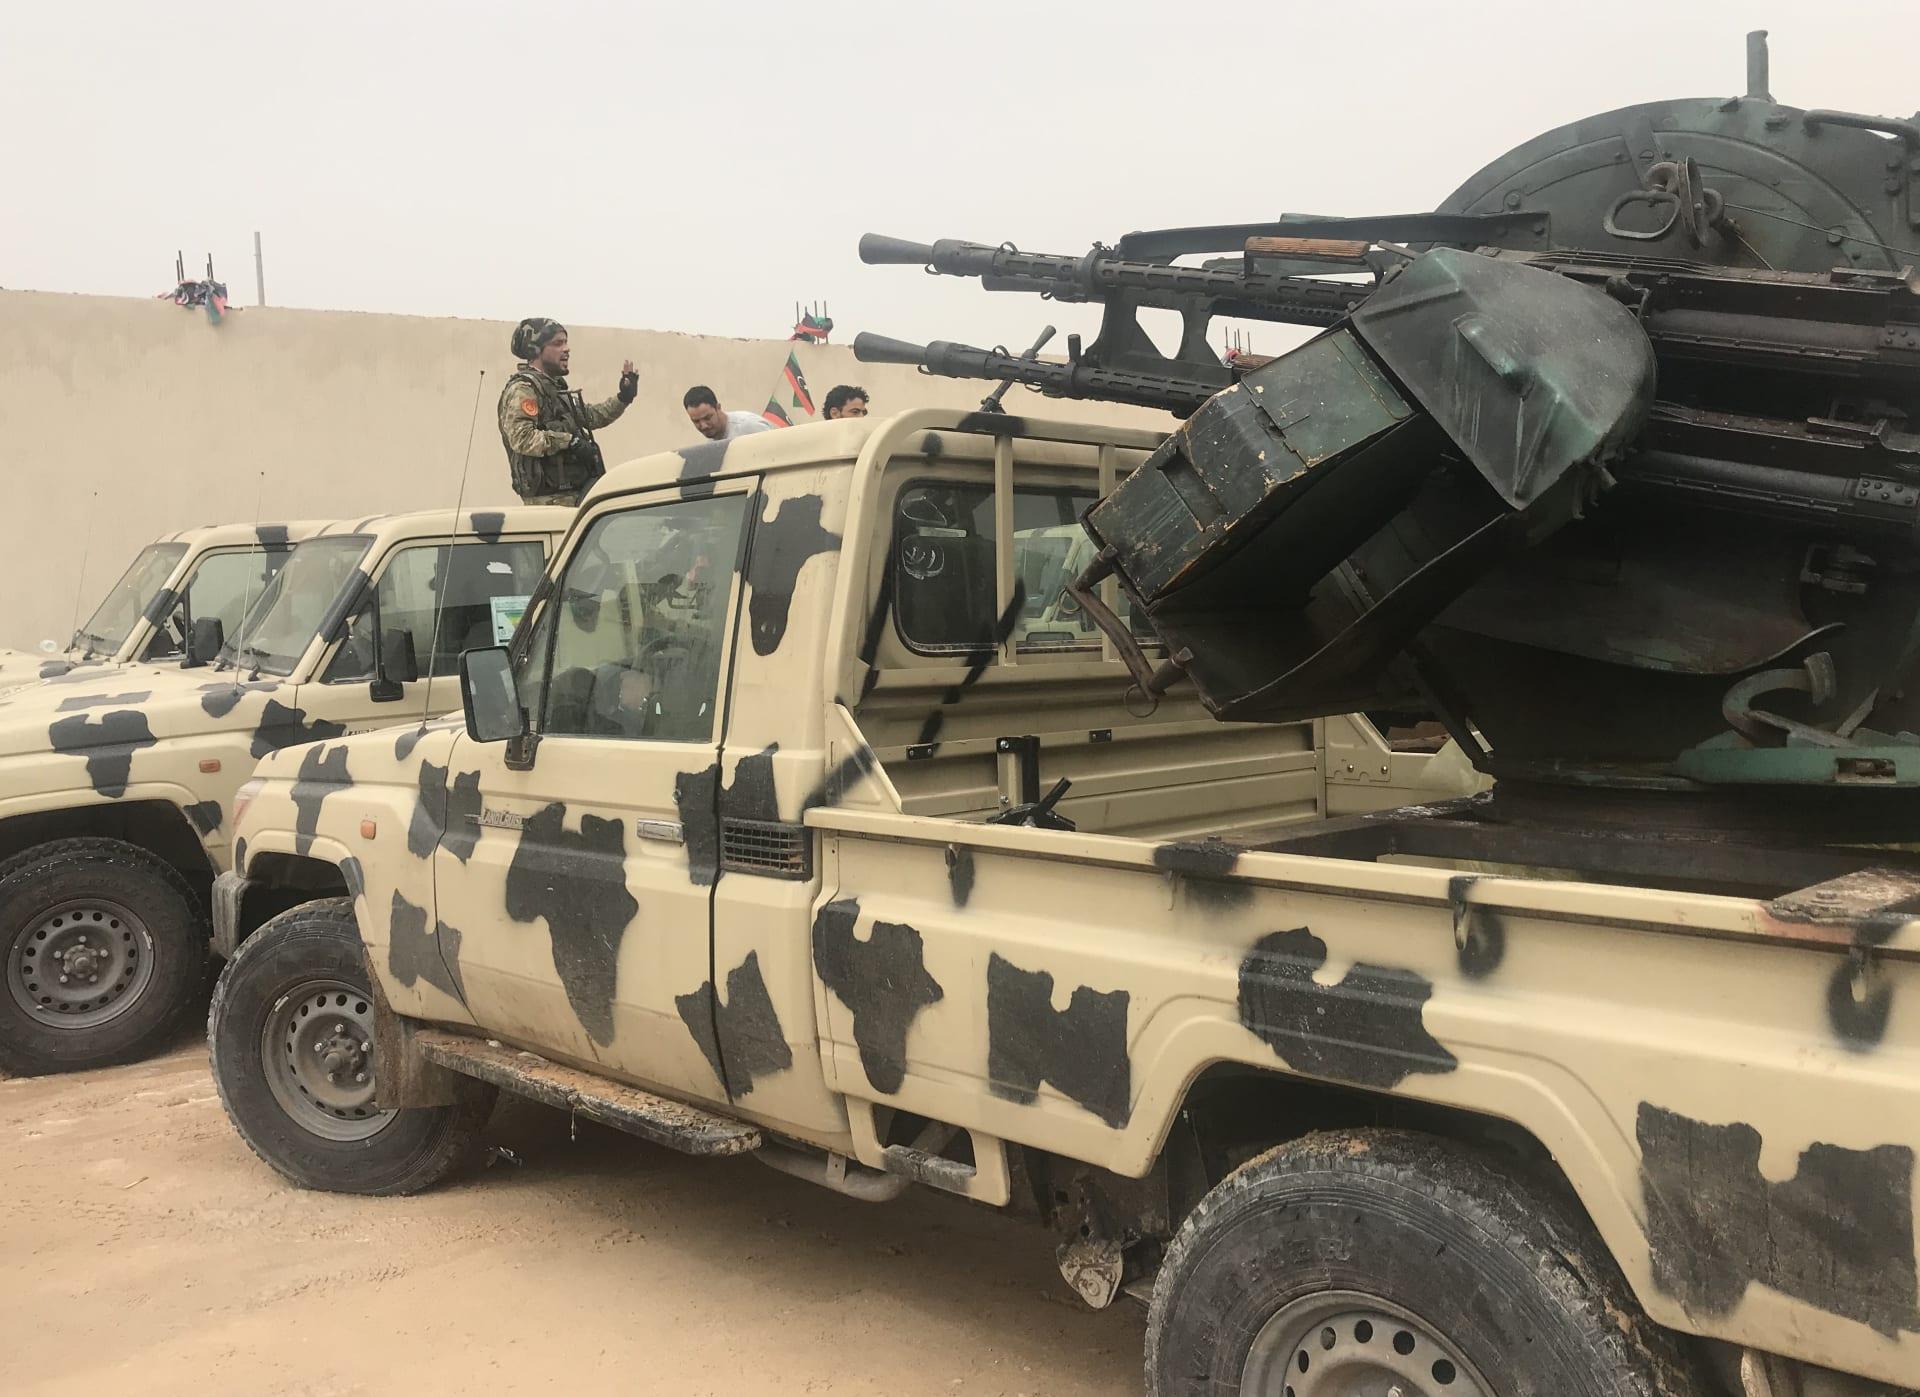 واشنطن تدعو قوات حفتر إلى وقف الحملة العسكرية الأحادية ضد طرابلس فورا